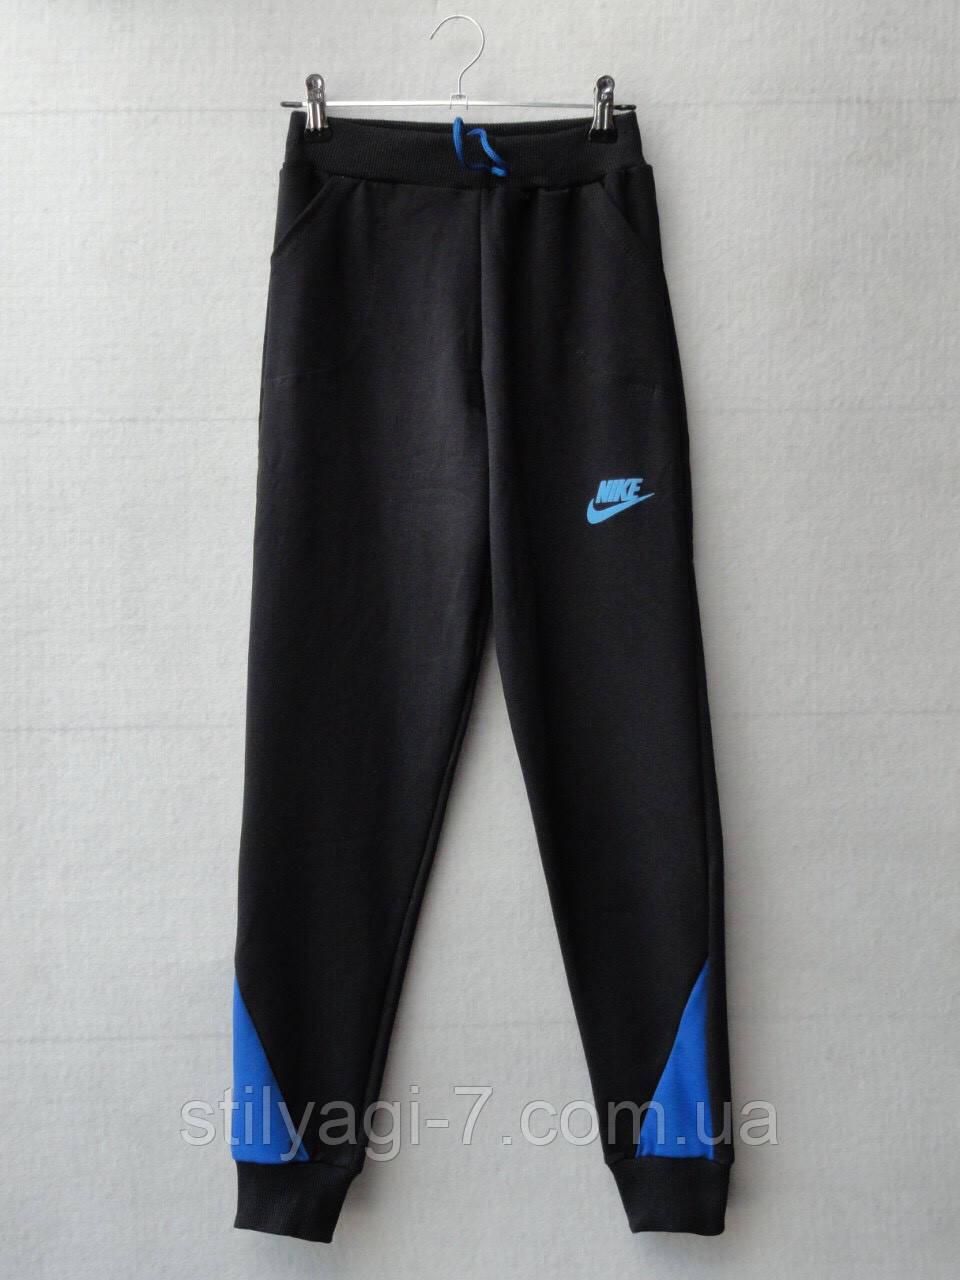 Спортивные штаны для мальчика на 4-8 лет синего цвета Nike оптом